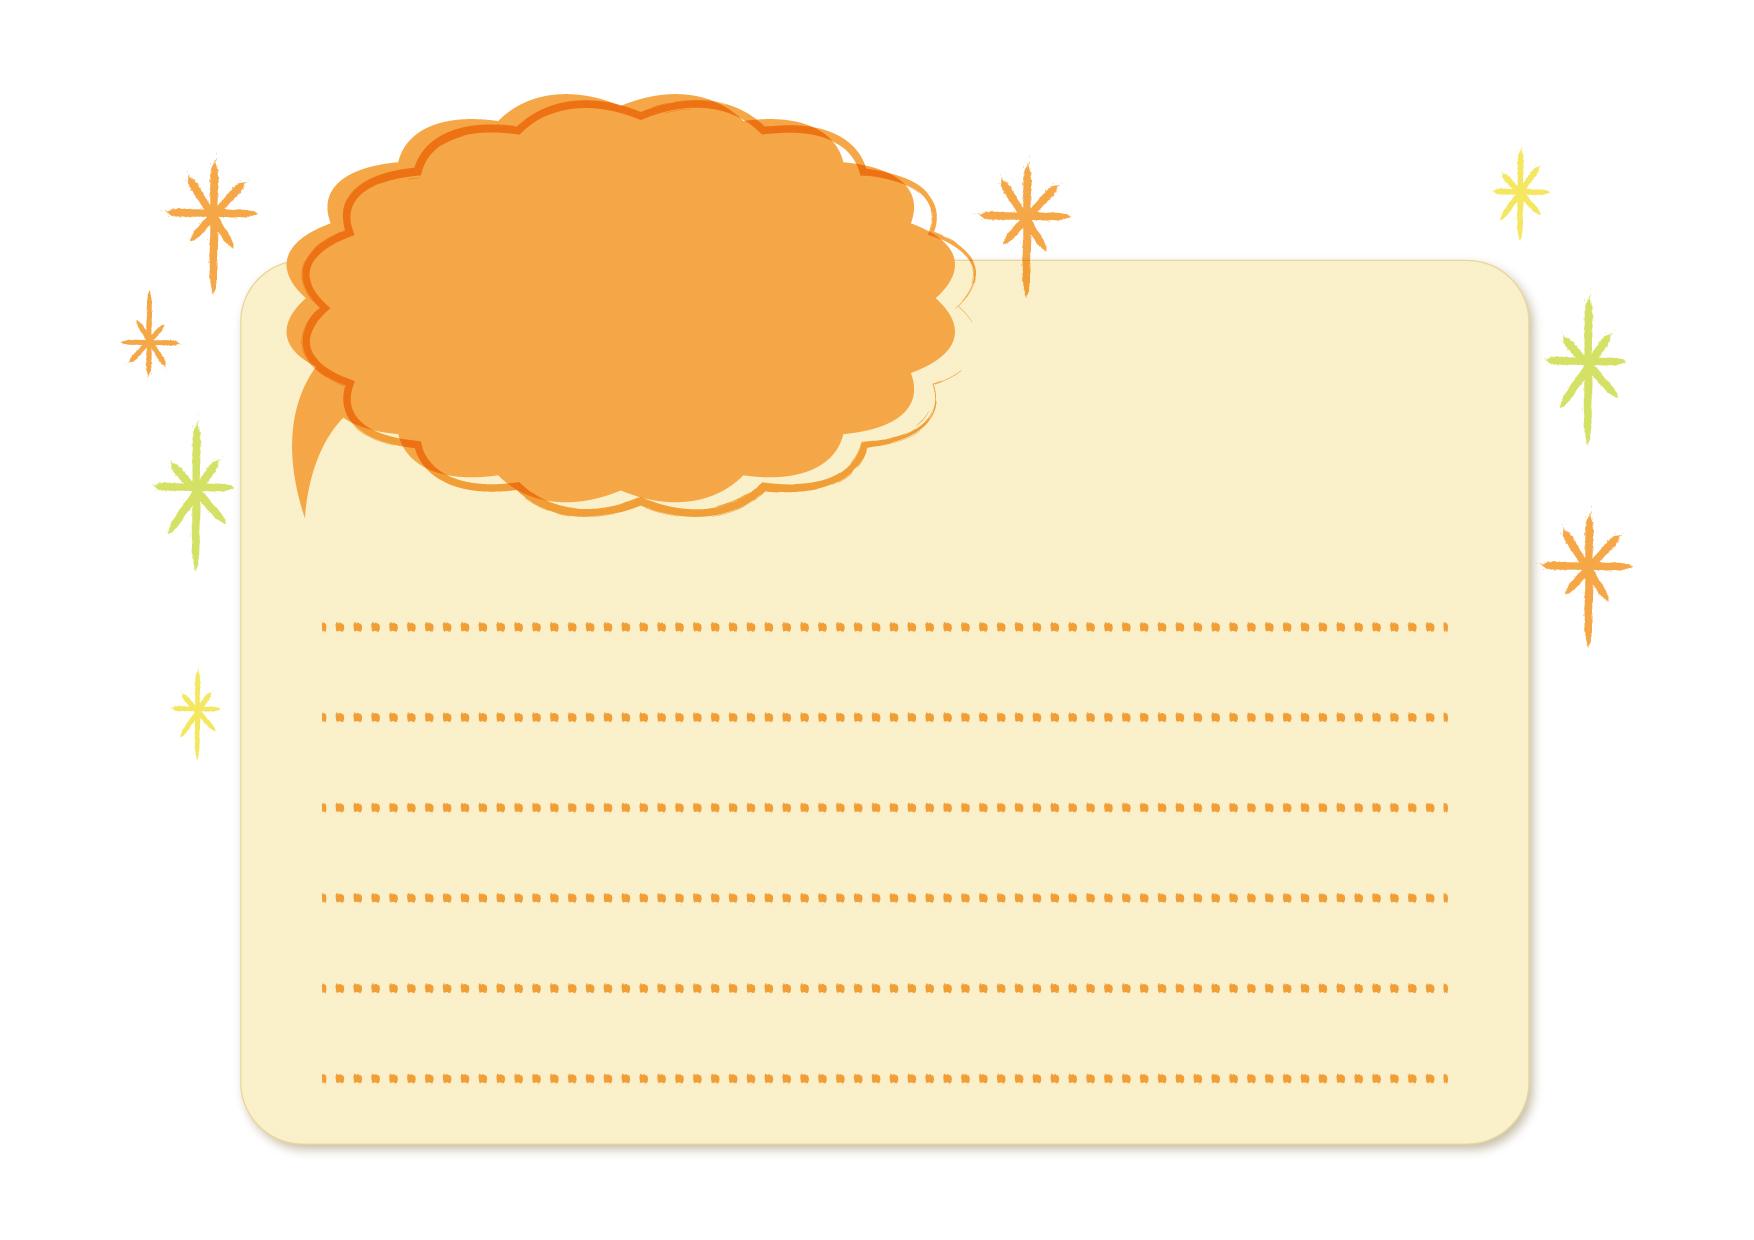 可愛いイラスト無料|ノート 吹き出し オレンジ色 背景 − free illustration Notebook speech bubble orange background